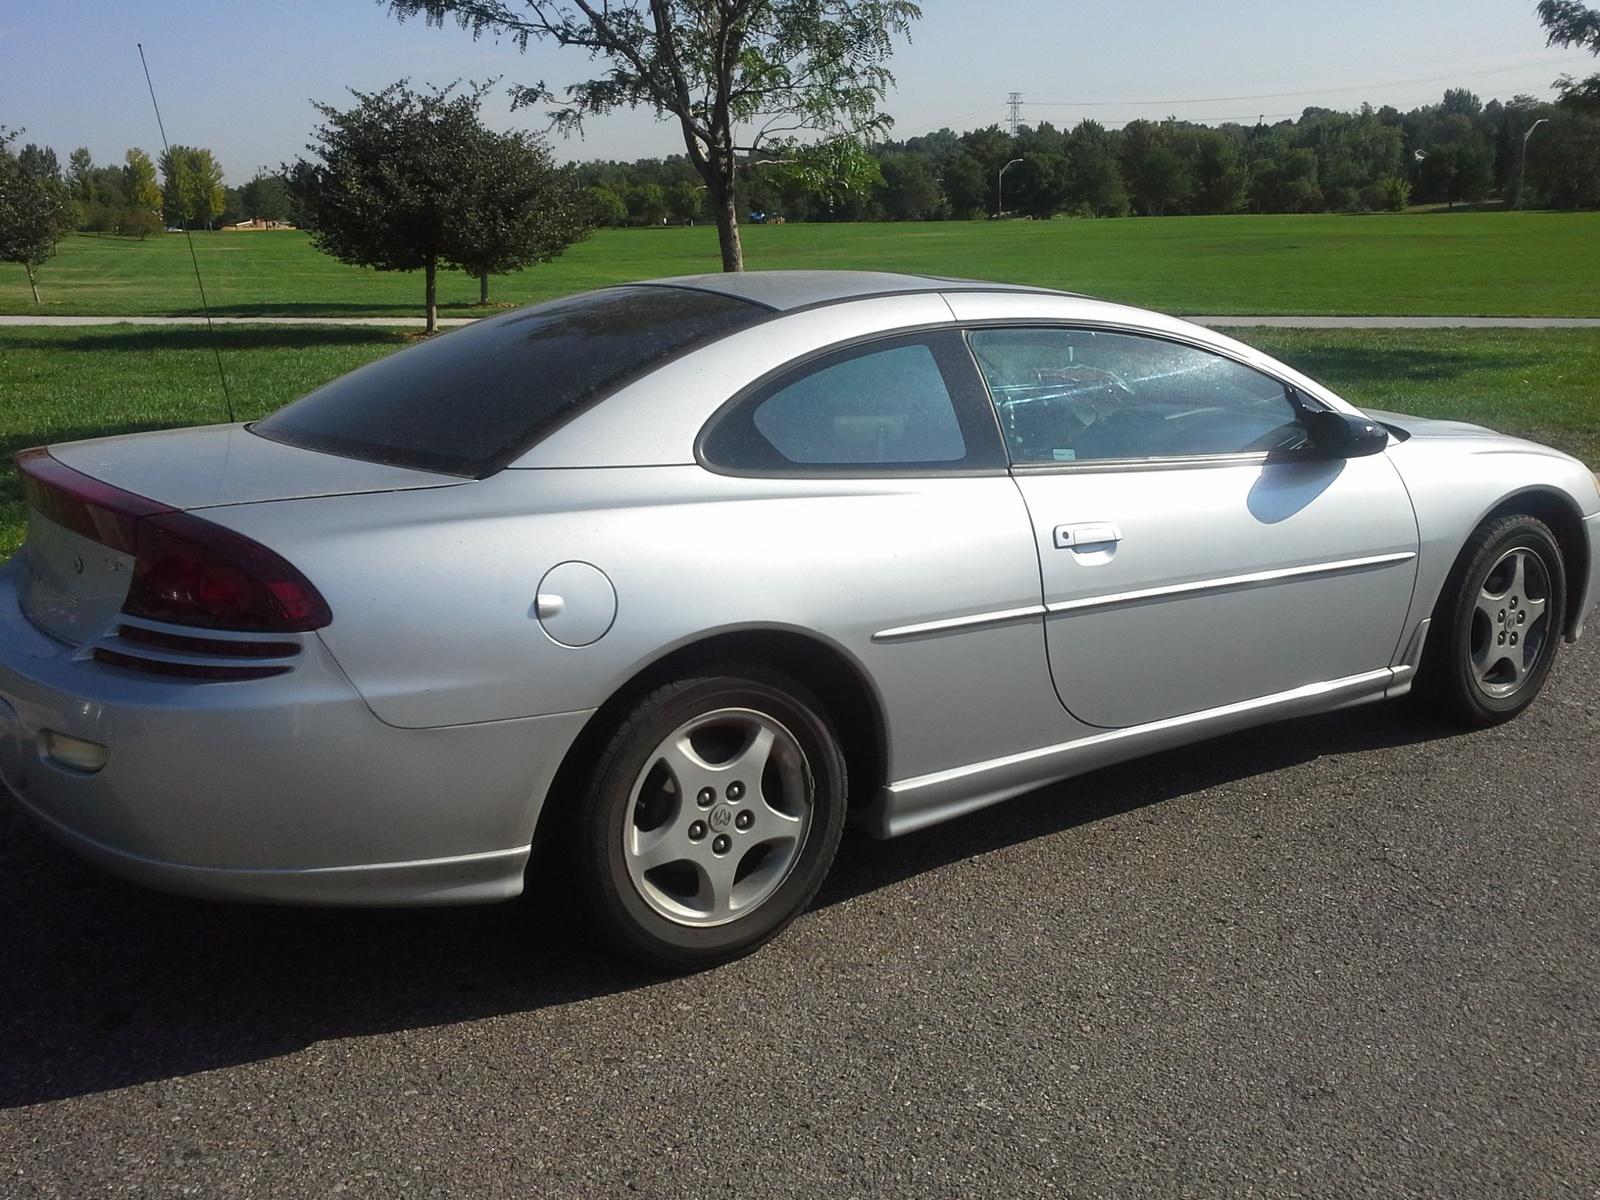 2005 Dodge Stratus Sxt >> 2002 Dodge Stratus - Pictures - CarGurus